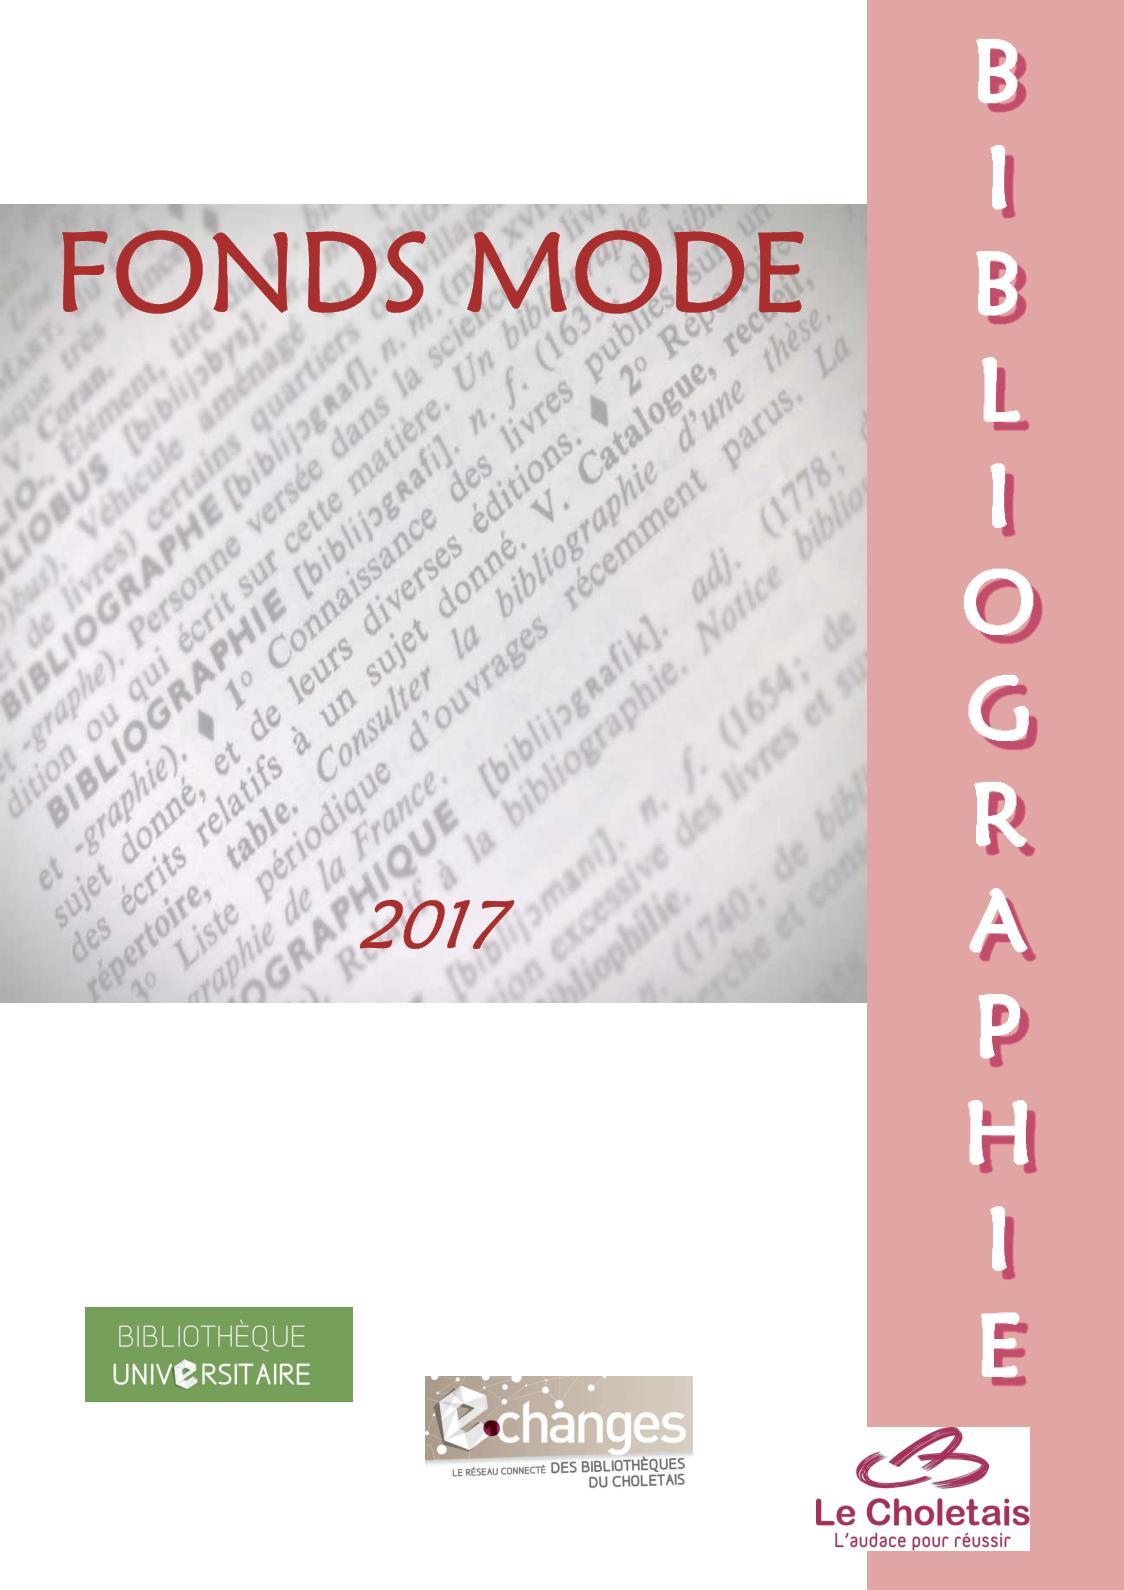 Bibliographie Bibliographie Calaméo Calaméo Fonds Calaméo Bibliographie Fonds Fonds Mode Calaméo Mode Mode xdBoreC